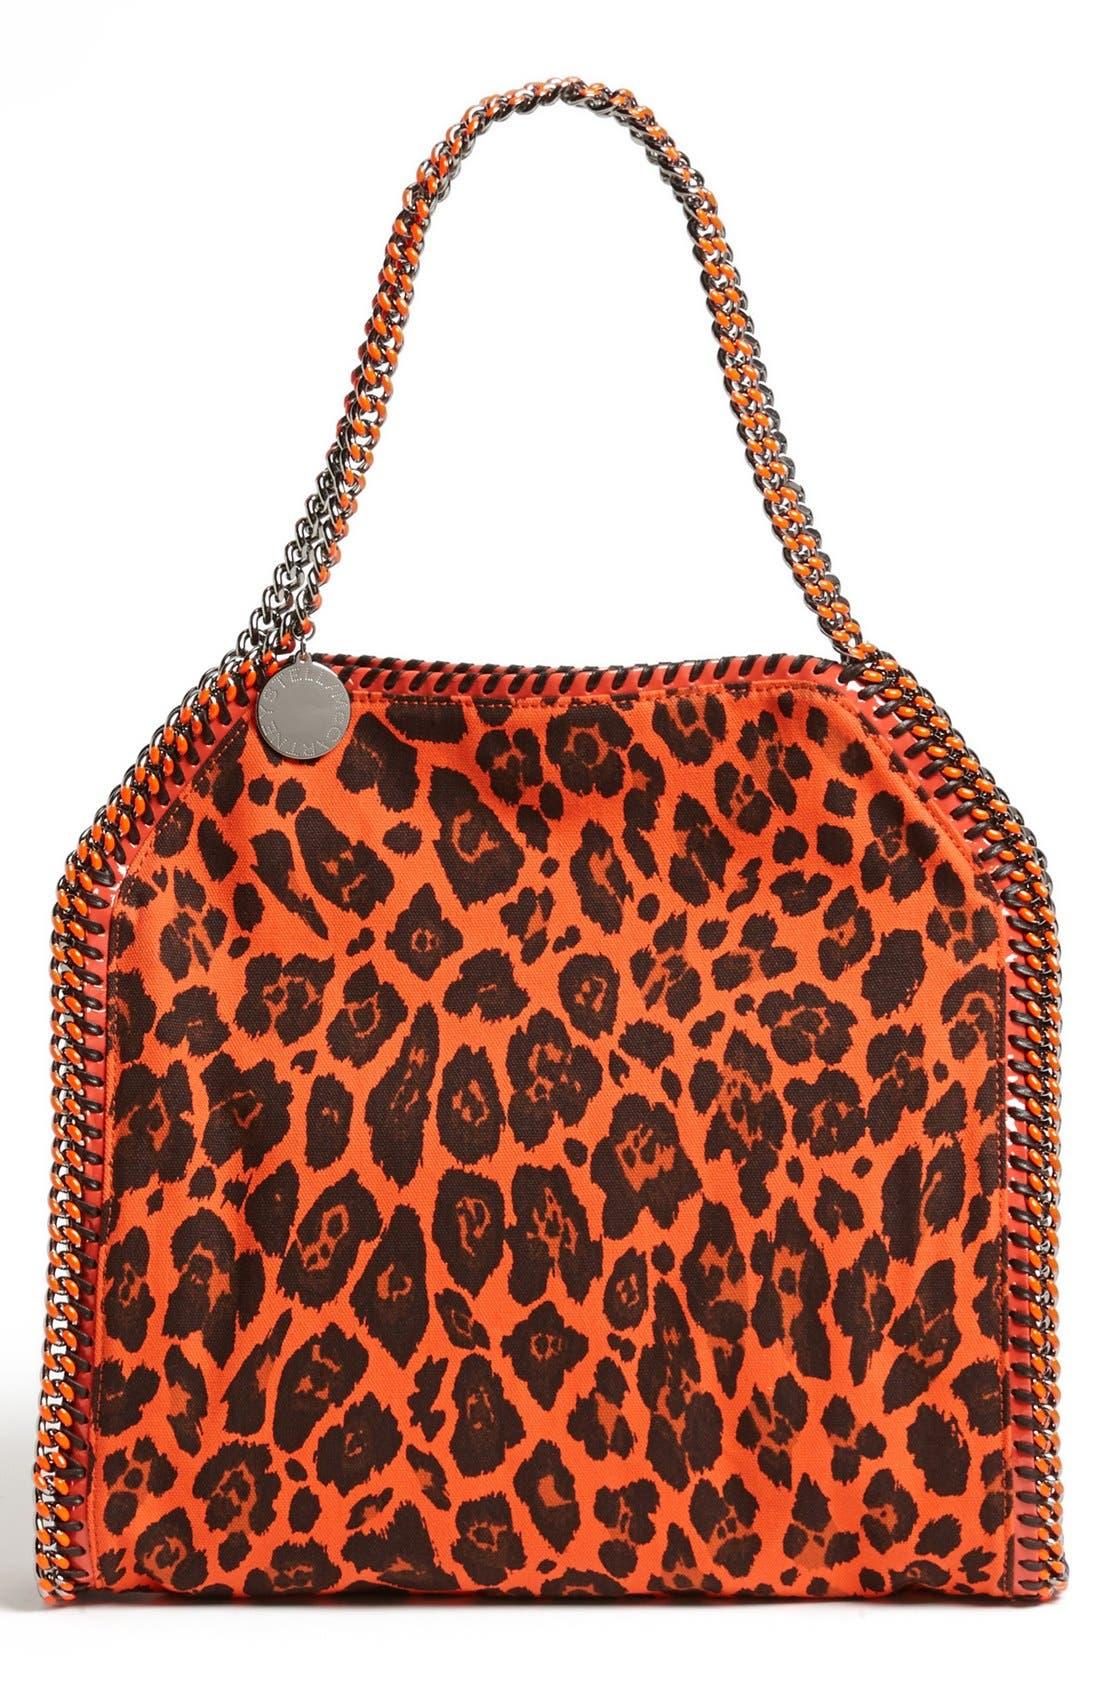 Main Image - Stella McCartney 'Falabella -Small' Leopard Print Tote